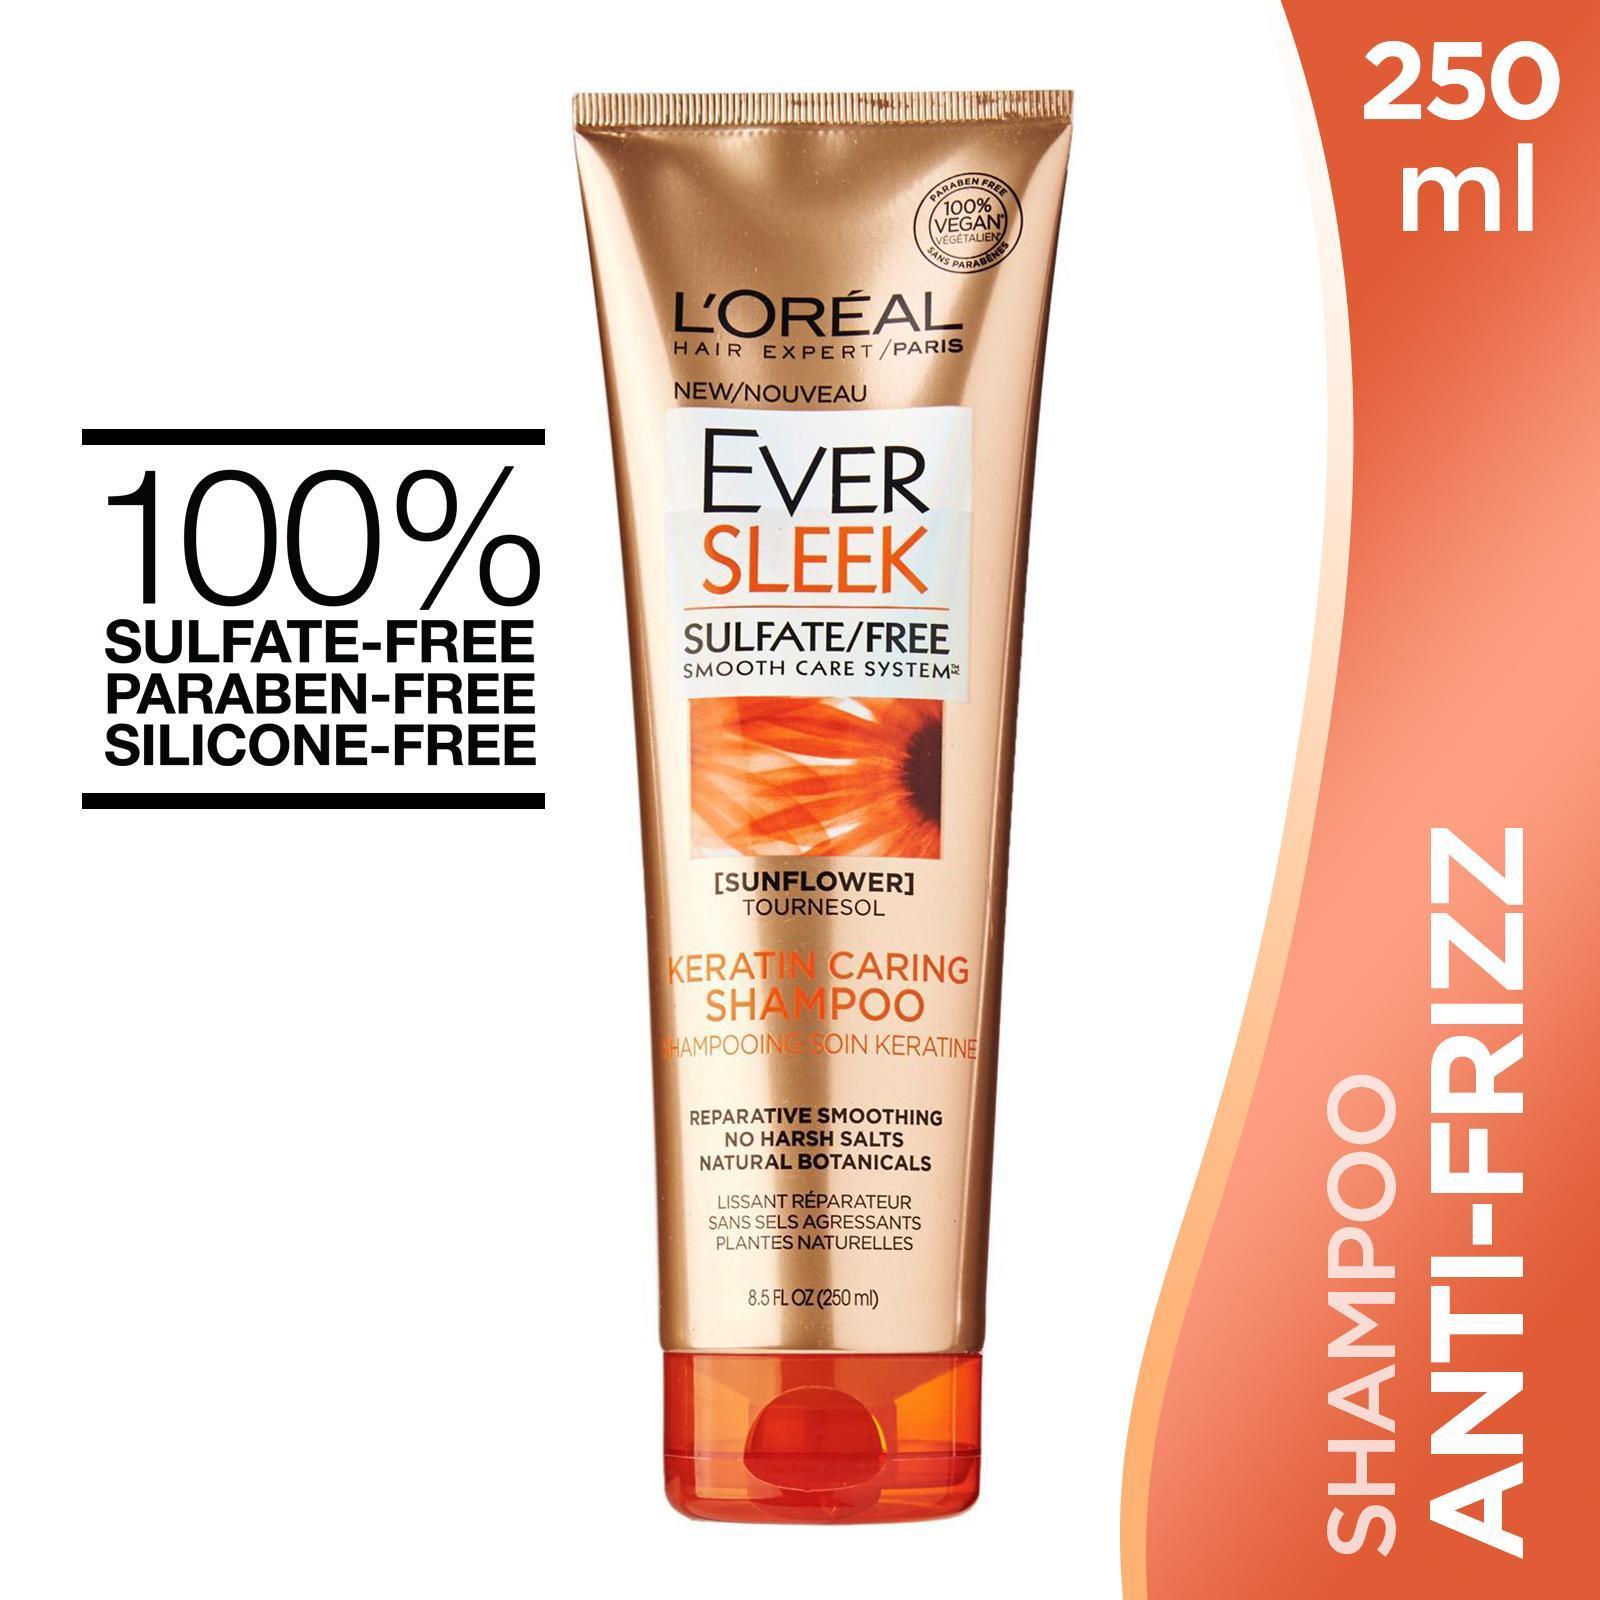 L'OREAL PARIS EverSleek Keratin Caring - Shampoo 250ml